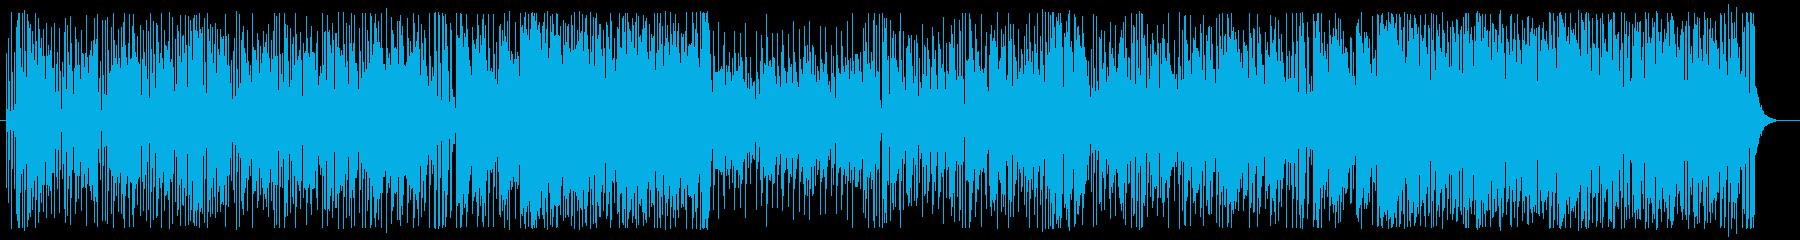 爽快で楽しげなシンセやピアノポップスの再生済みの波形